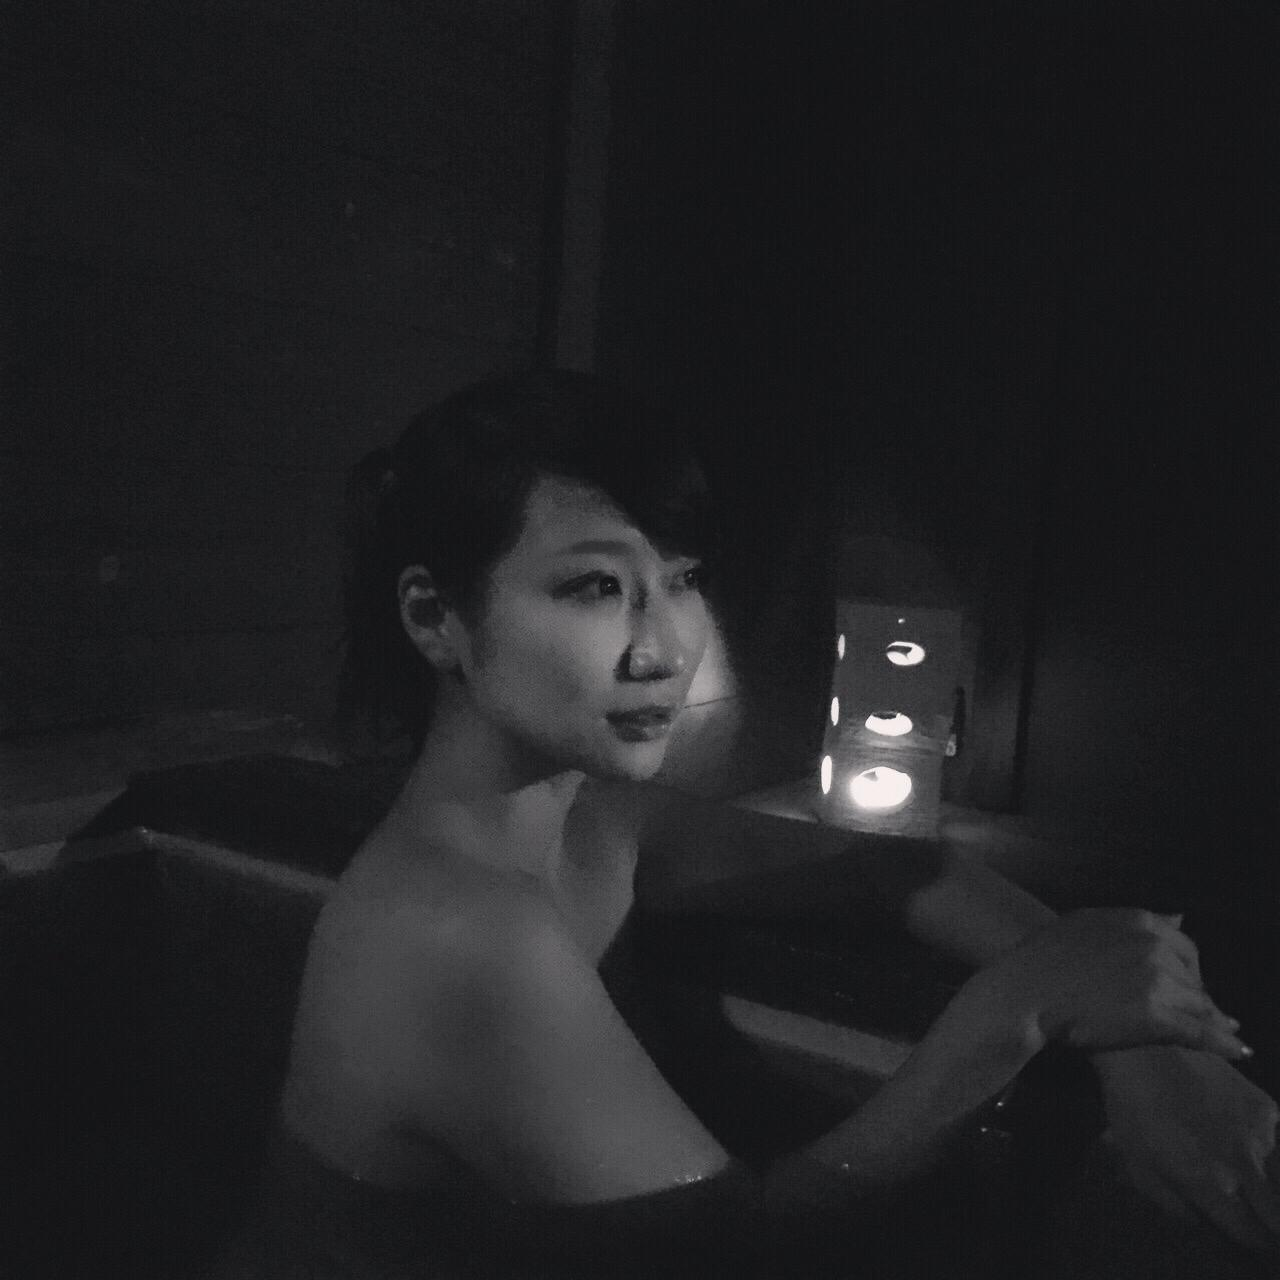 画像10: 近場で癒されたい。都内から行く『千葉デート』オススメスポット♡【水曜日のミク様】